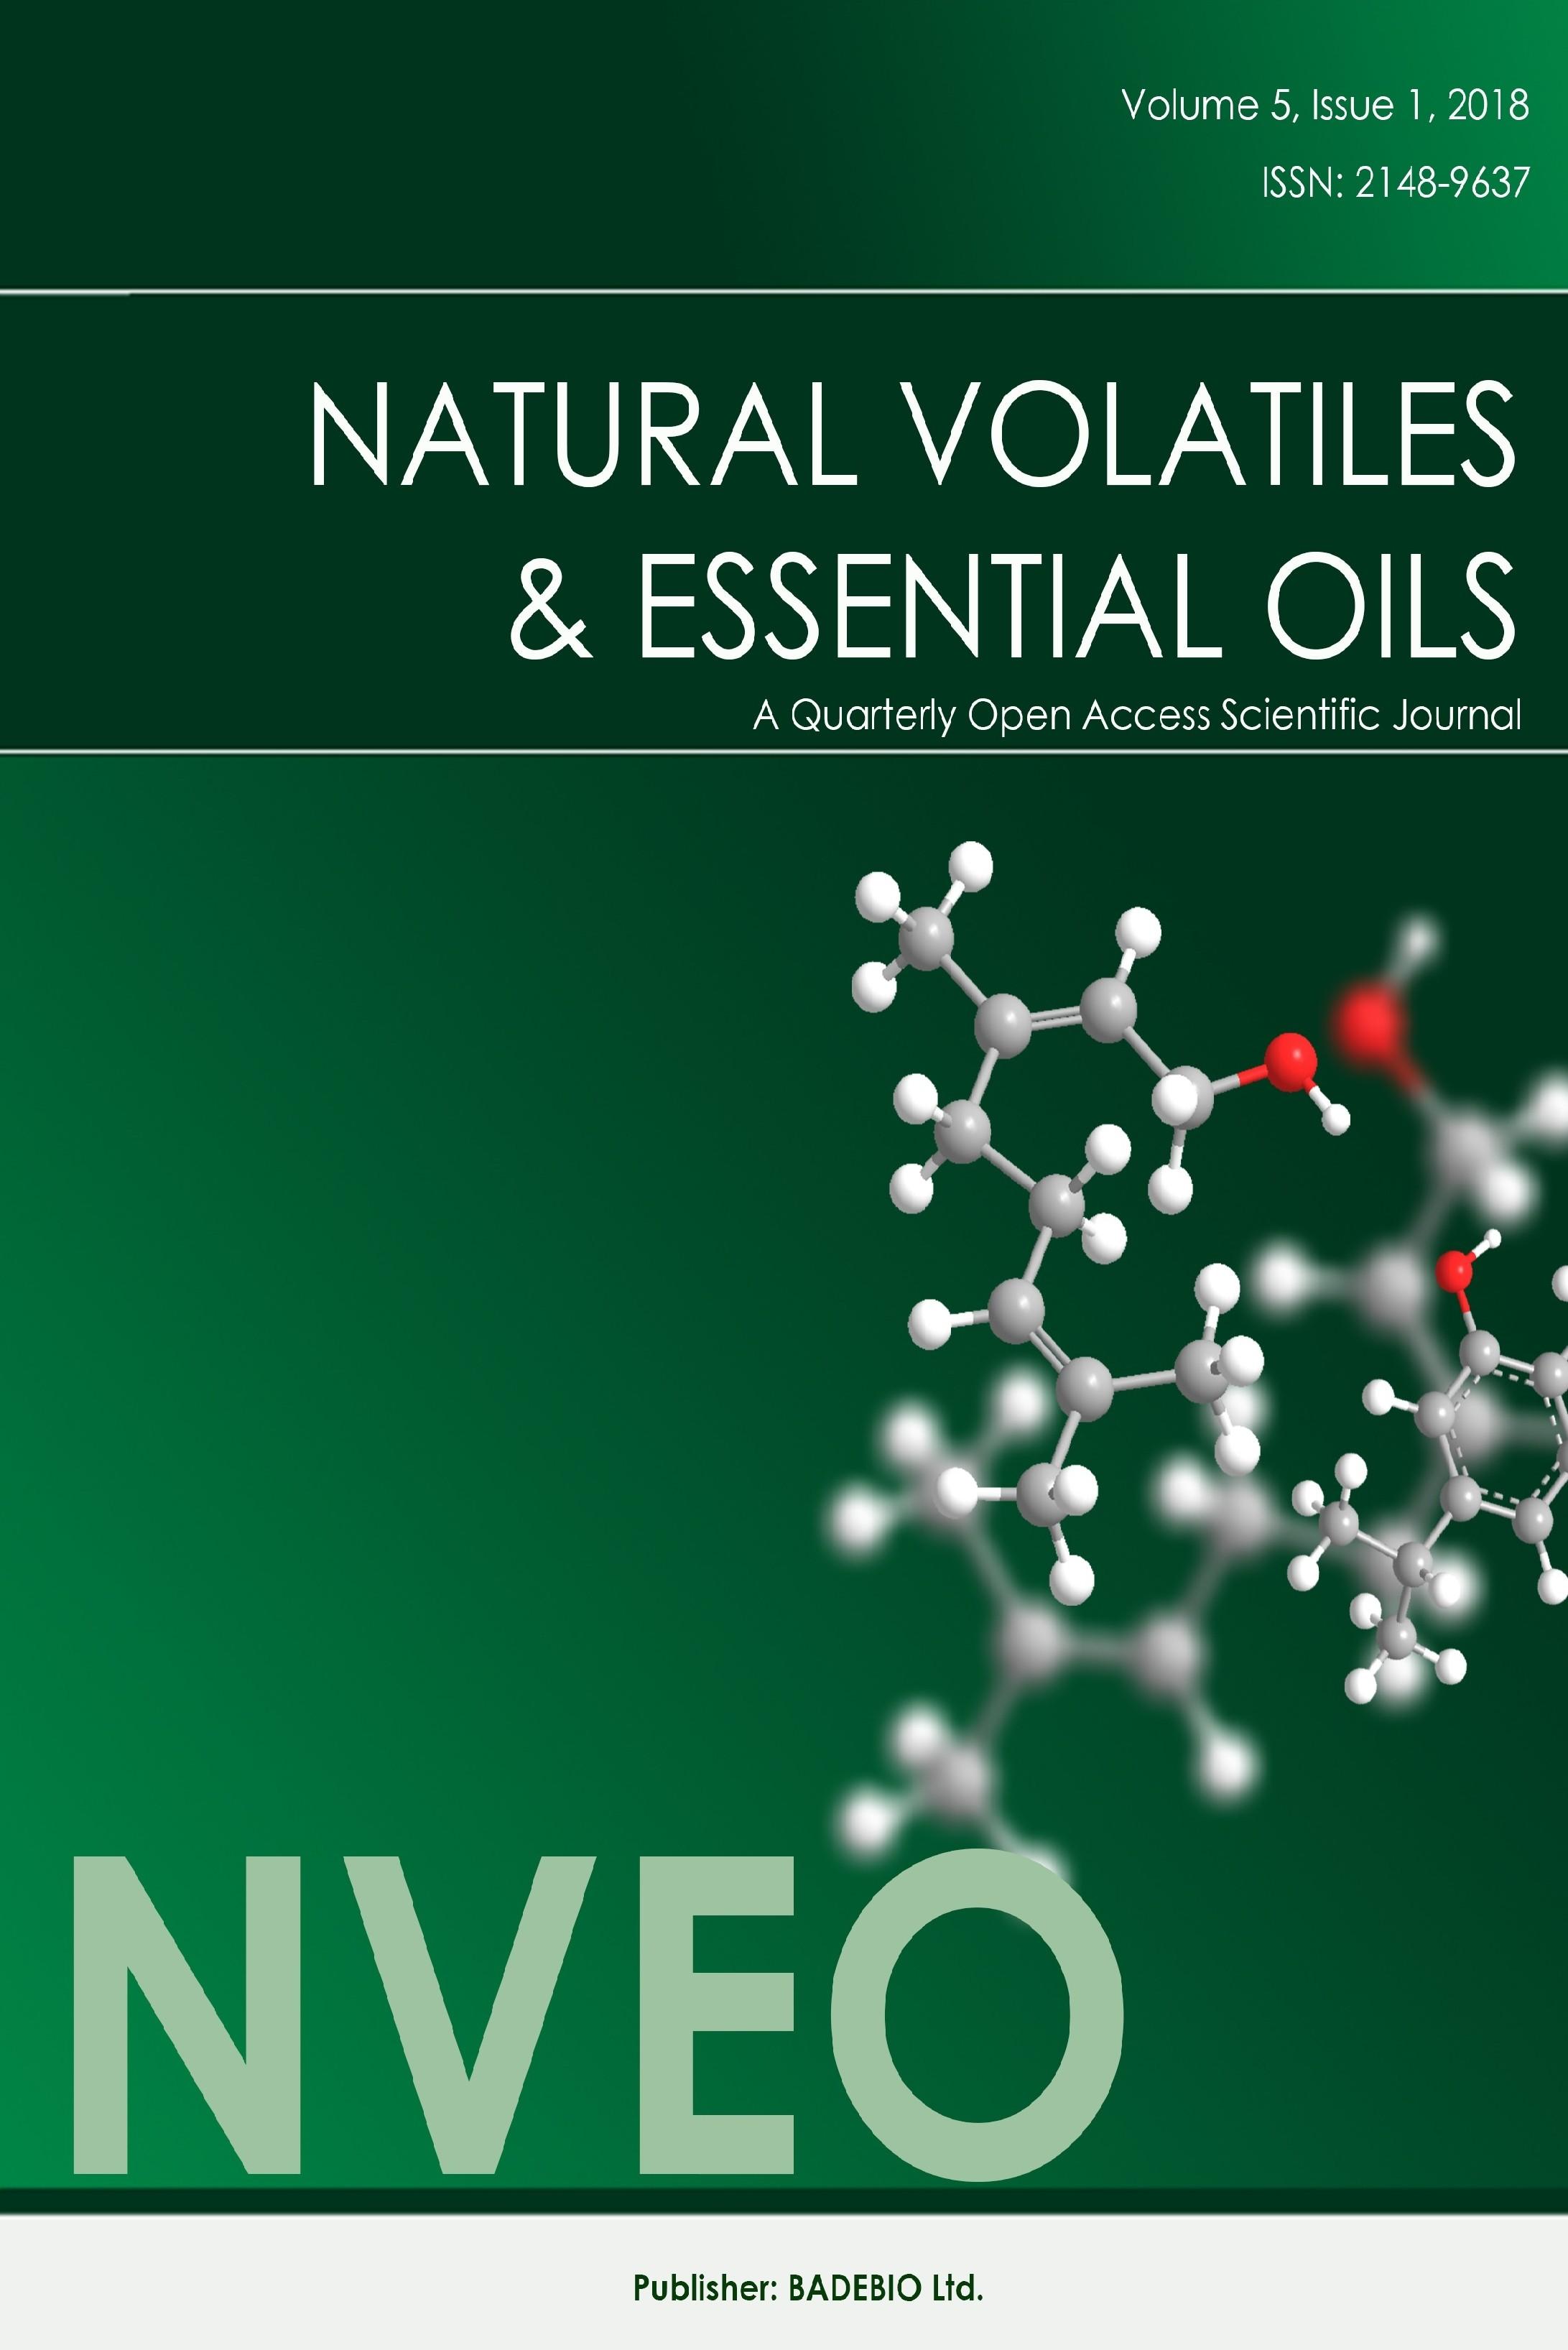 Natural Volatiles and Essential Oils » Dergi Natural Volatiles and